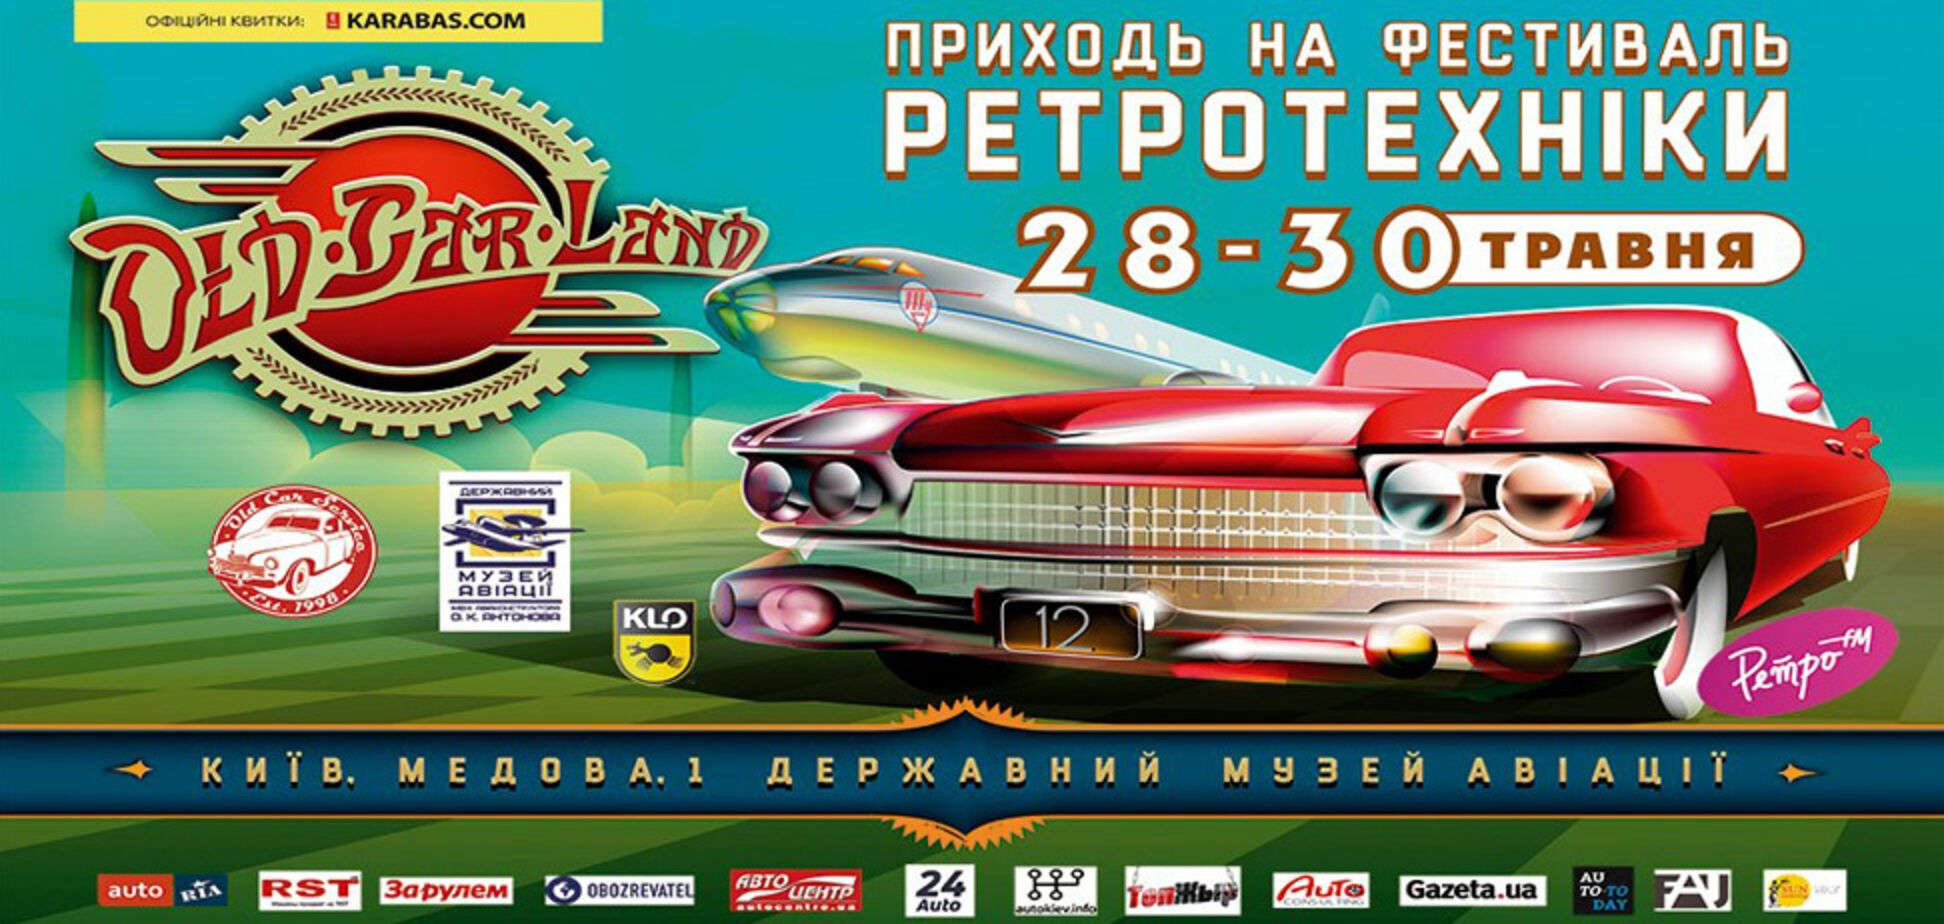 У Києві відбудеться технічний фестиваль OldCarLand